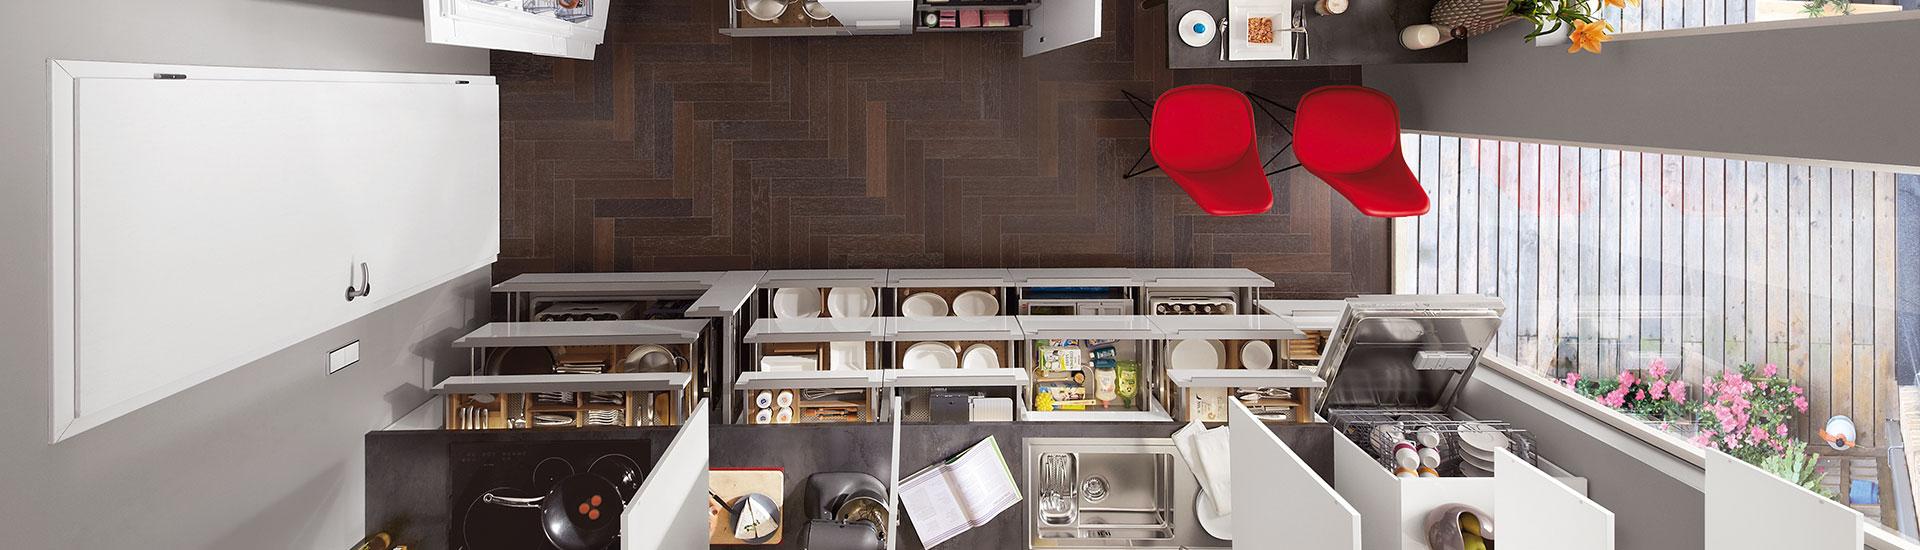 k chenzubeh r k chen arena by m belstadt schulze r dental. Black Bedroom Furniture Sets. Home Design Ideas